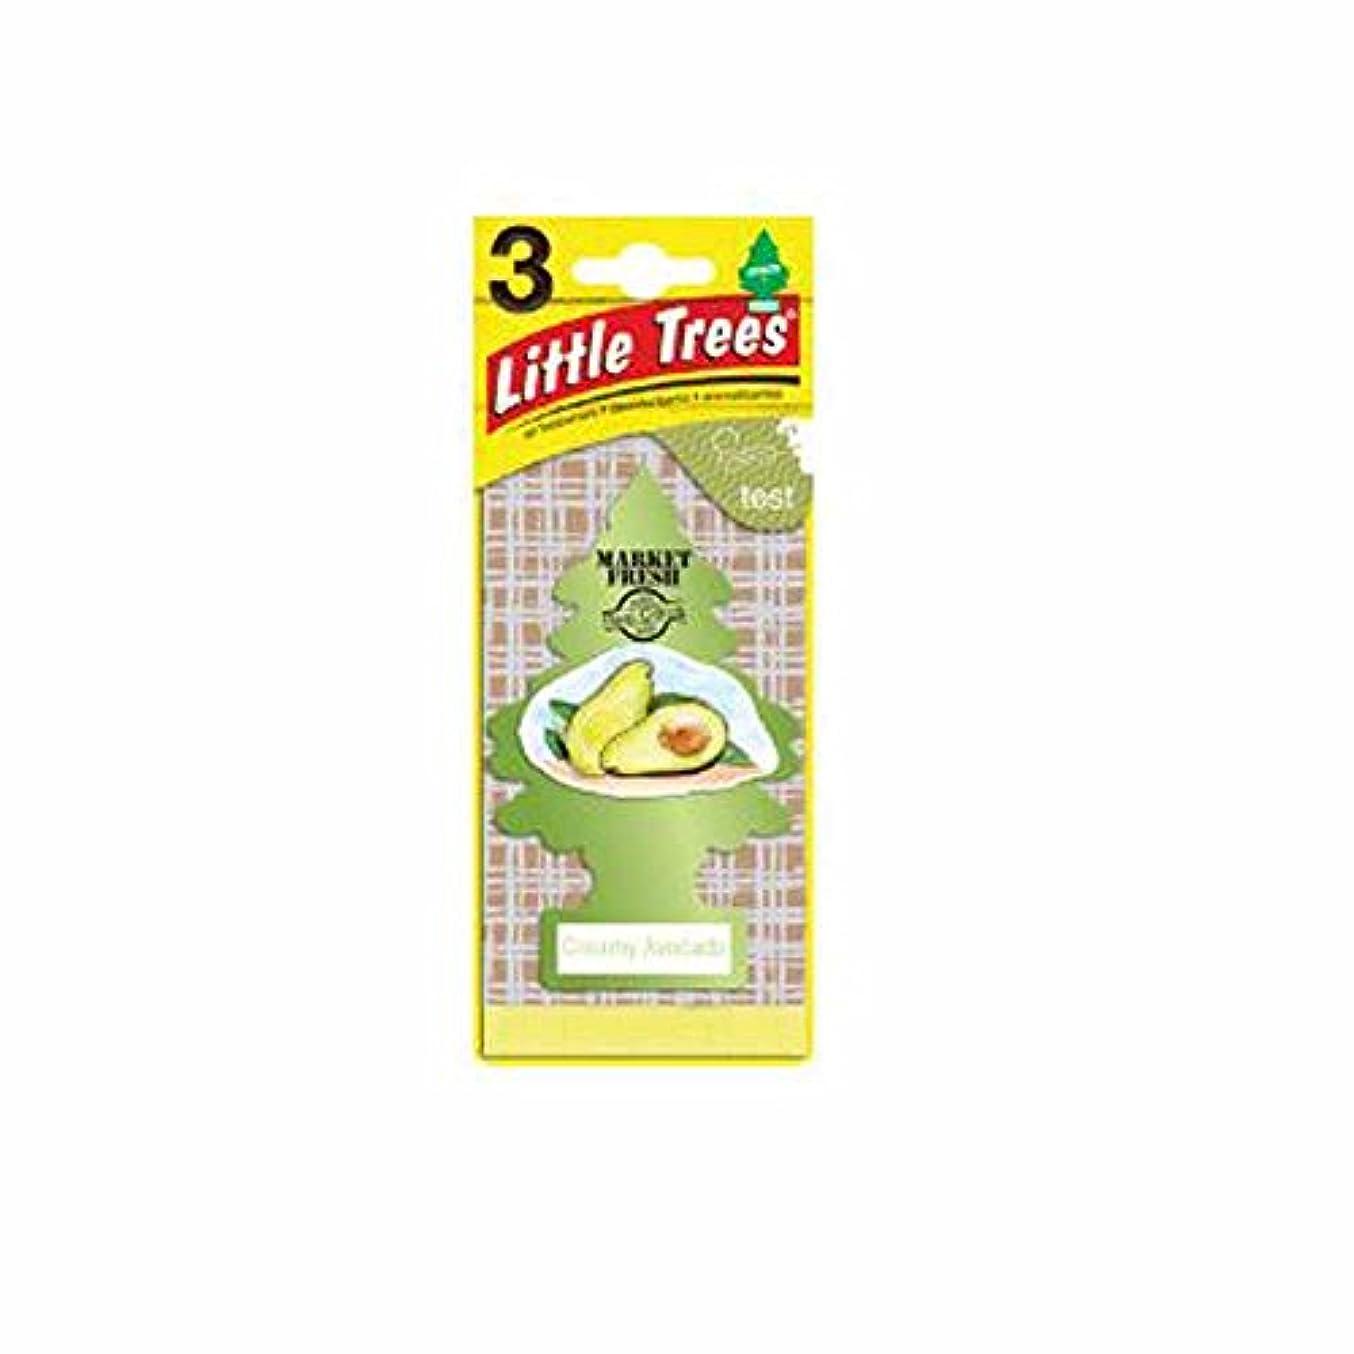 気分が良い湿った名詞Little Trees 吊下げタイプ エアーフレッシュナー creamy avocado(クリーミーアボカド) 3枚セット(3P) U3S-37340